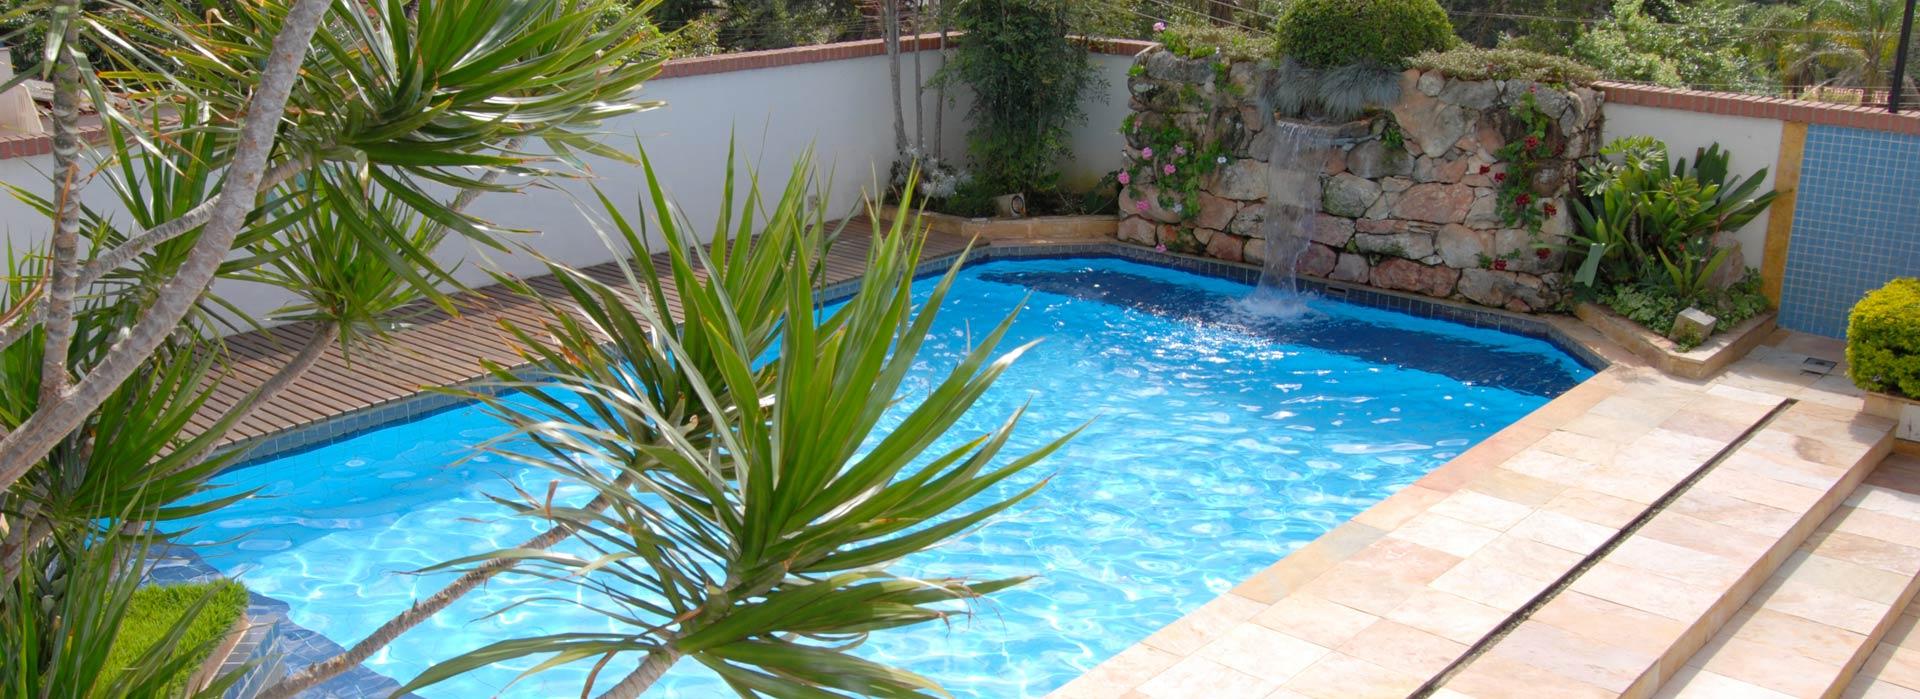 piscina-pousada-do-garimpo-home-slide